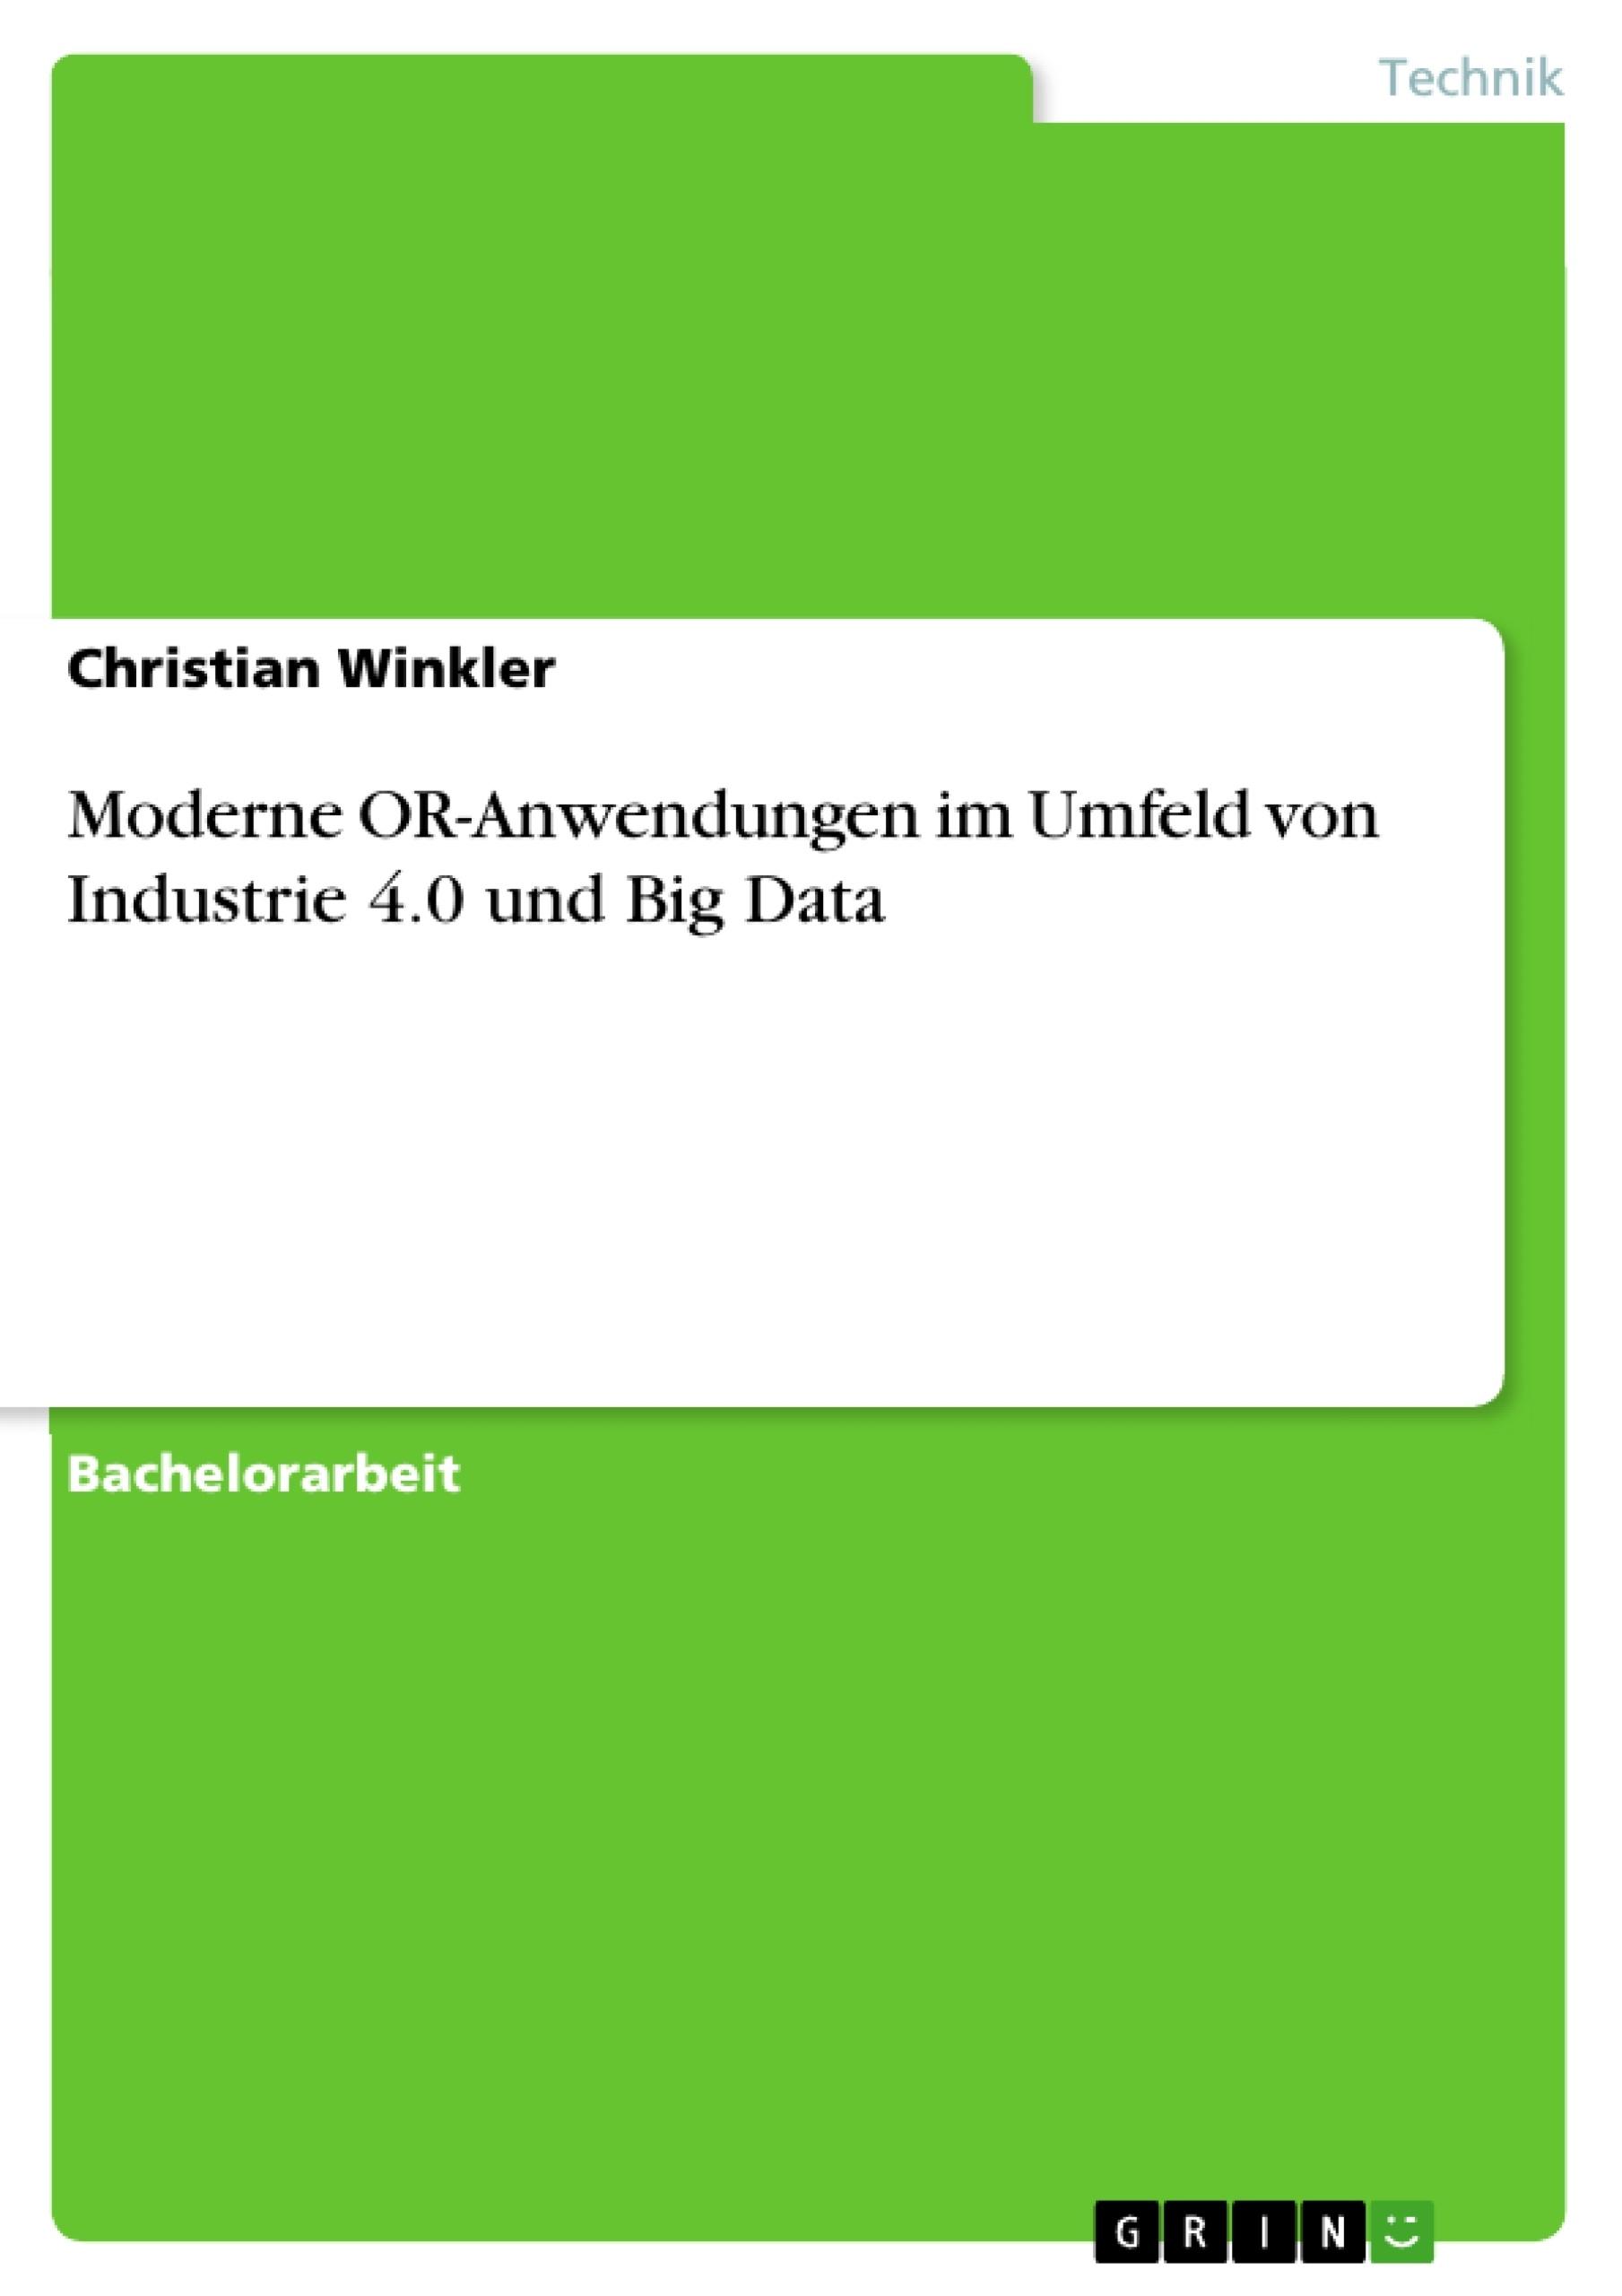 Titel: Moderne OR-Anwendungen im Umfeld von Industrie 4.0 und Big Data